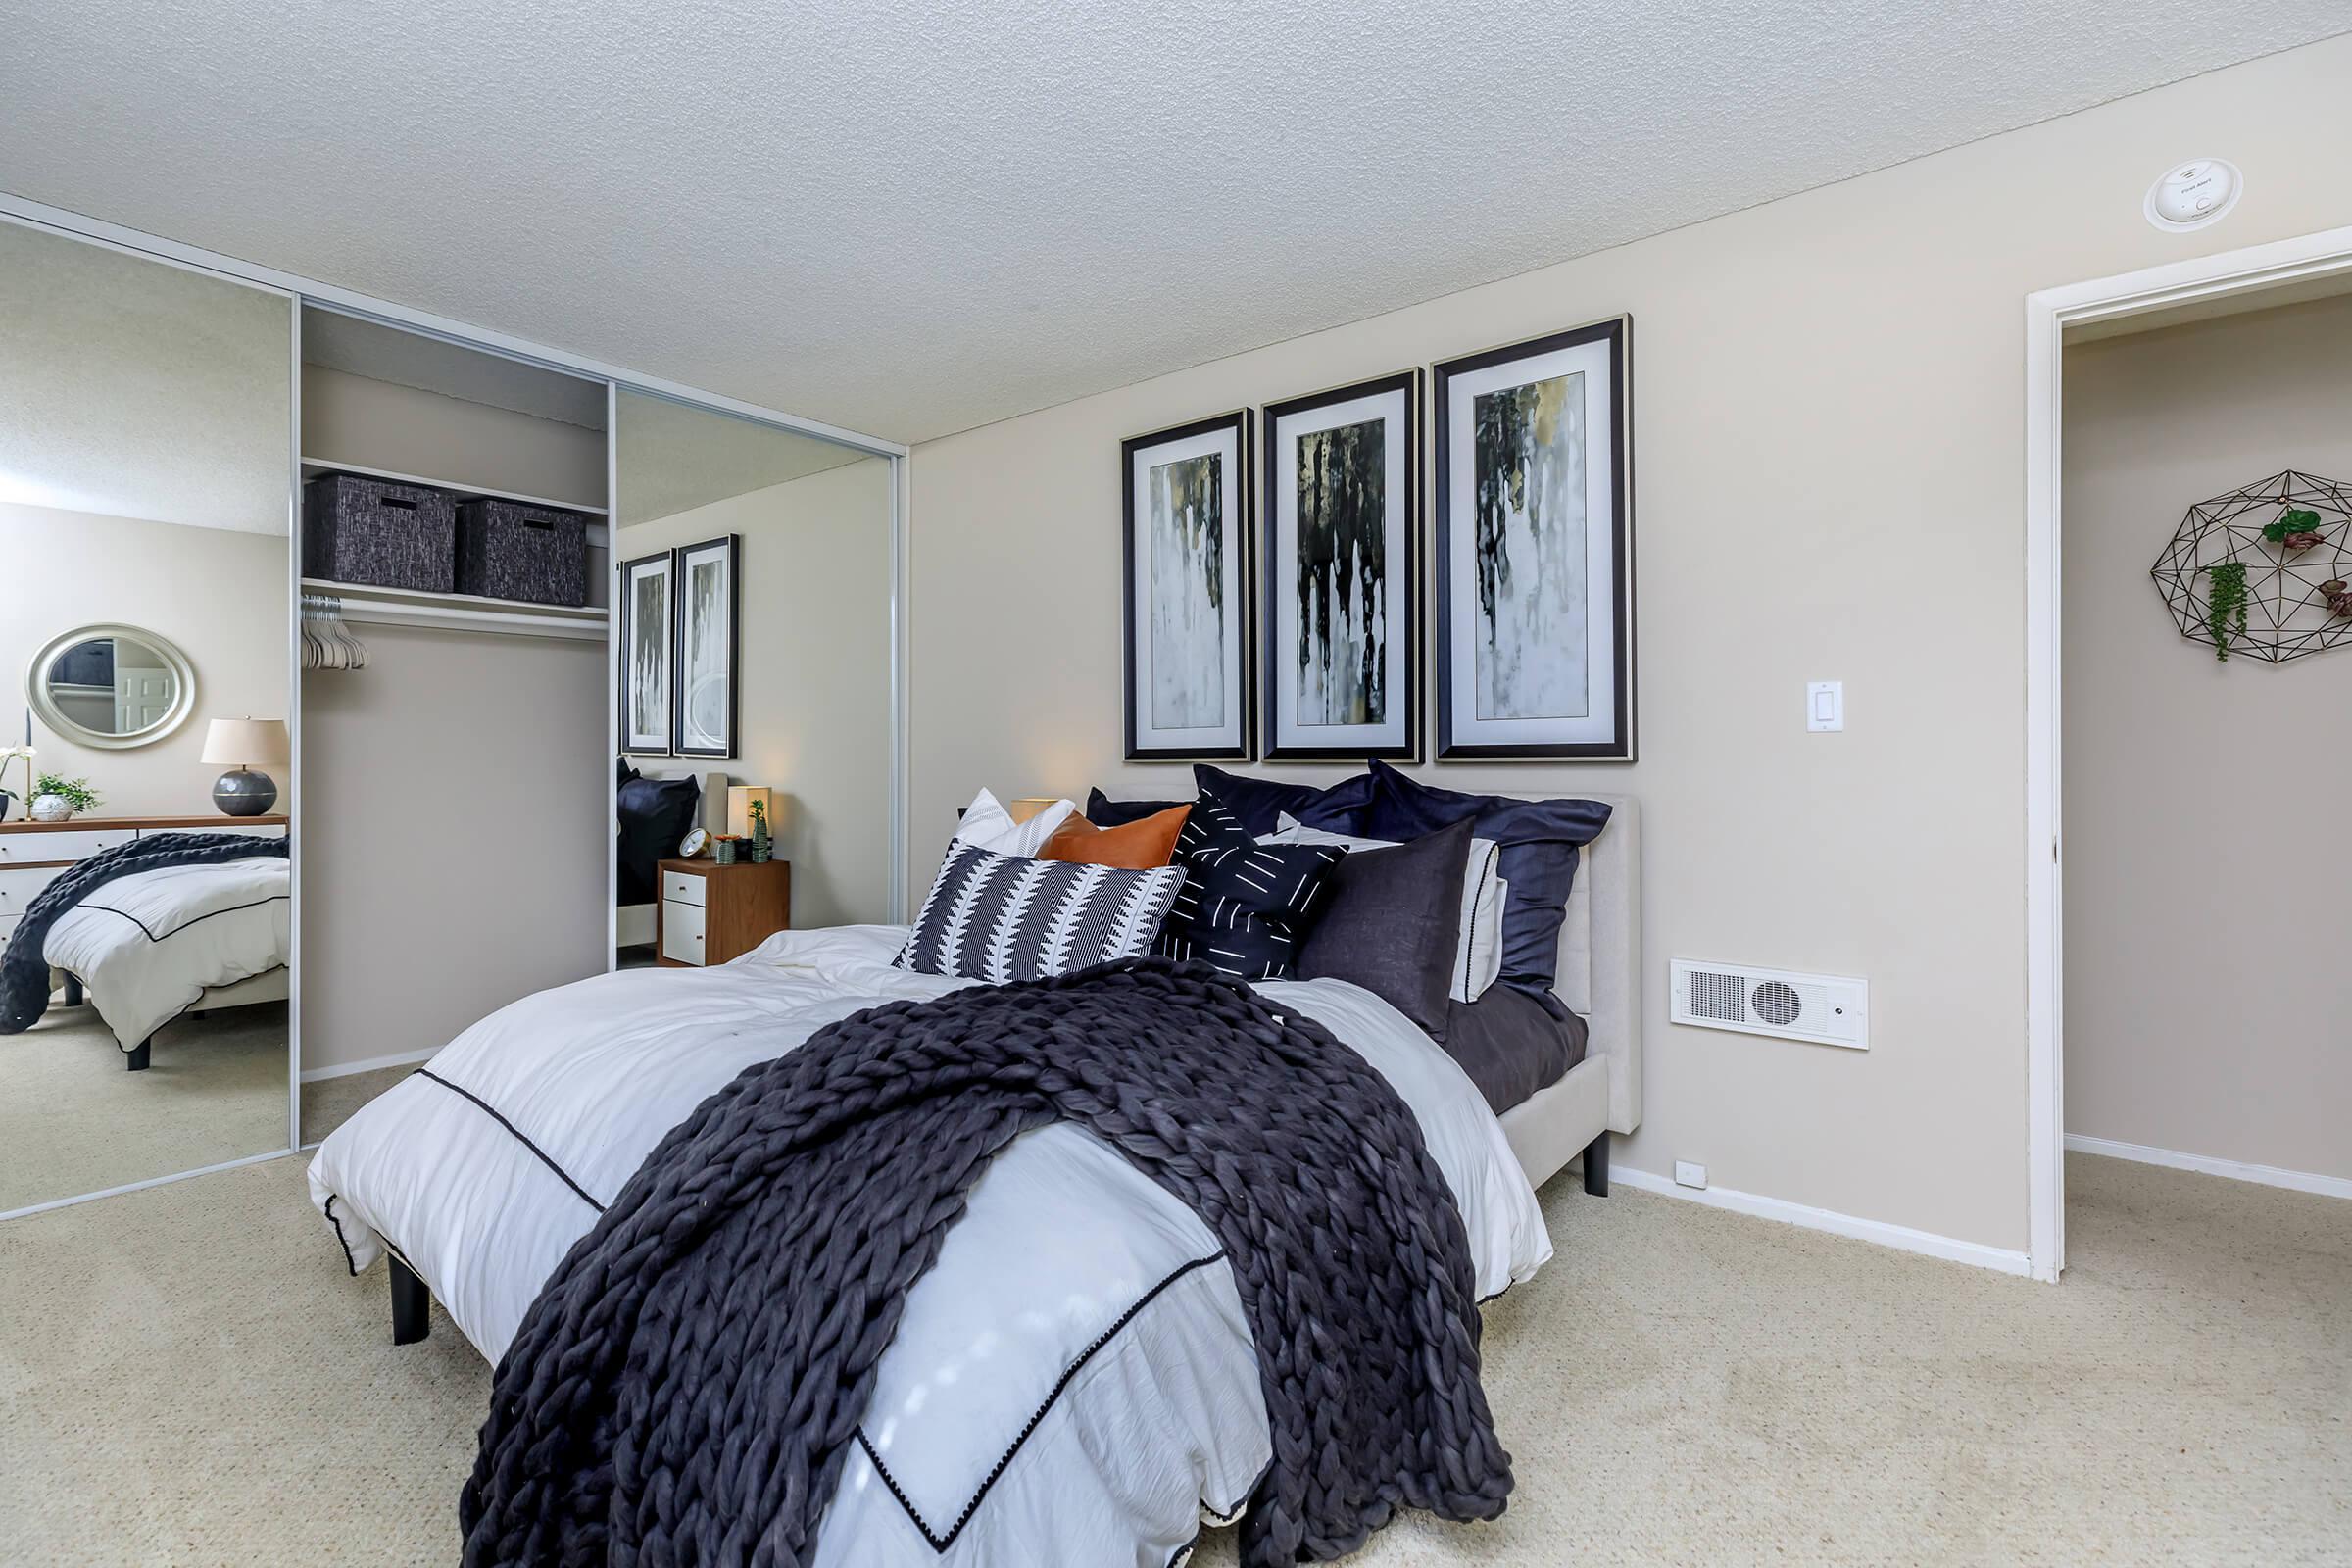 Bedroom with sliding glass mirror closet doors